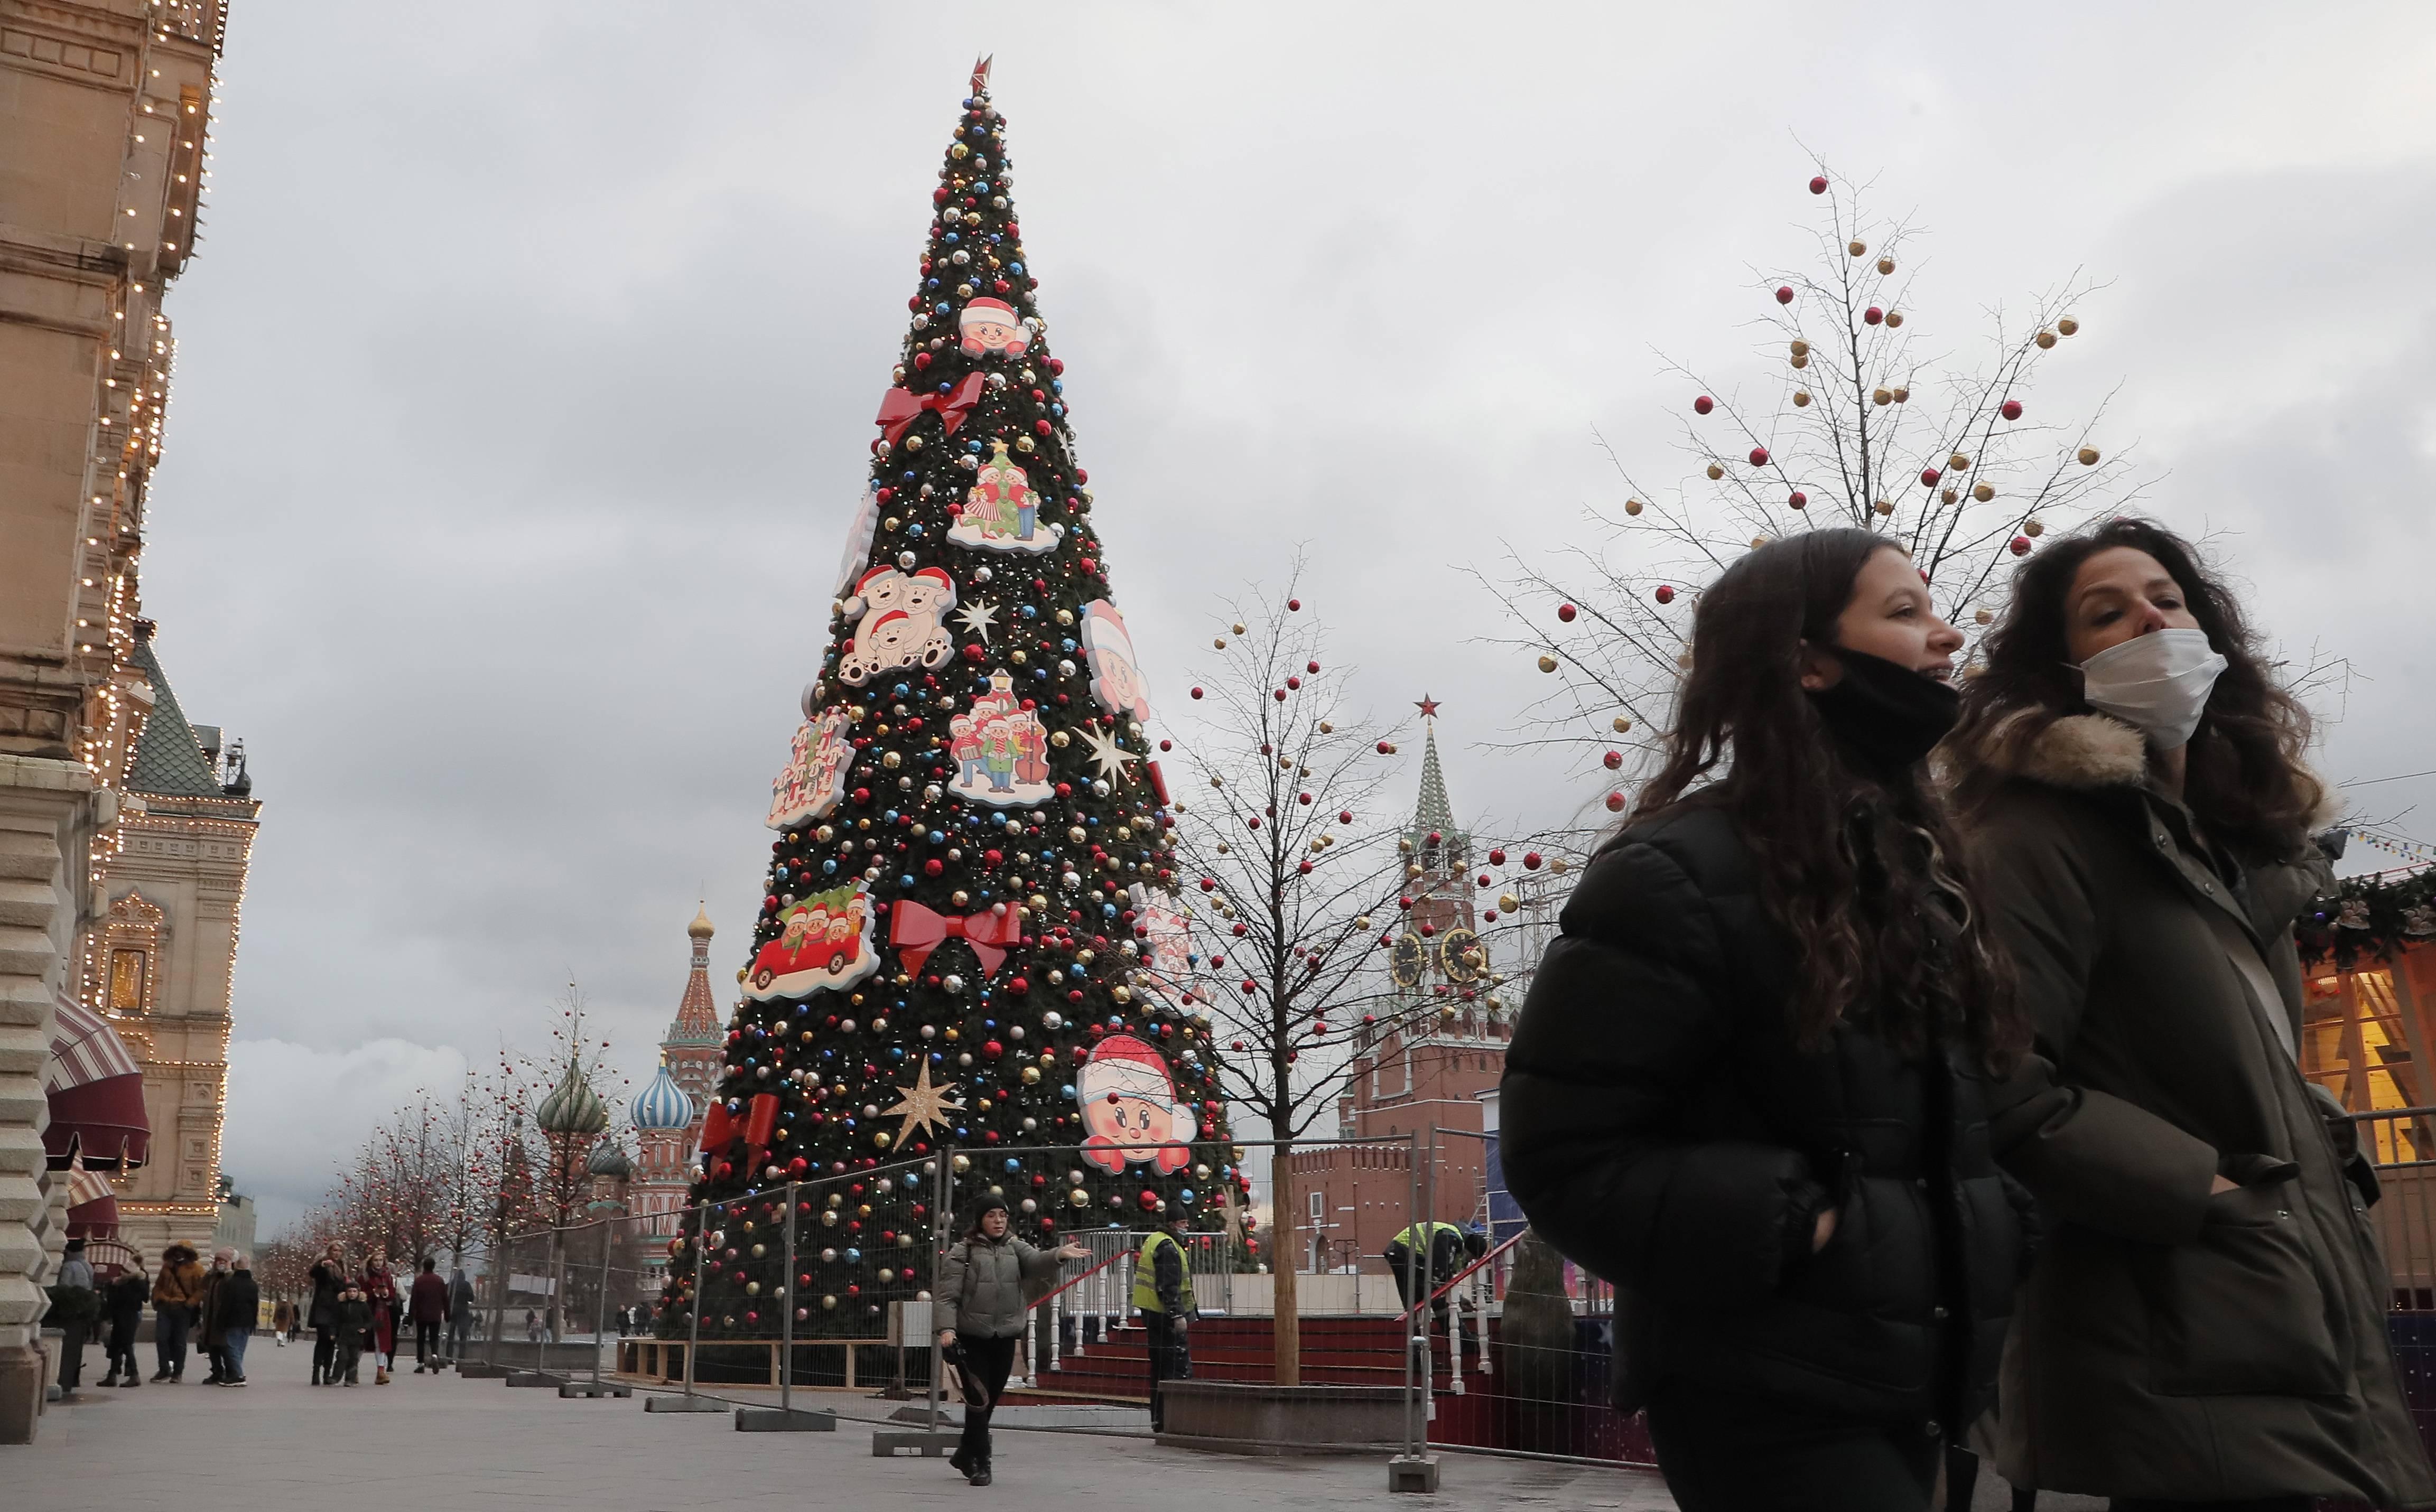 俄罗斯新年气氛渐浓